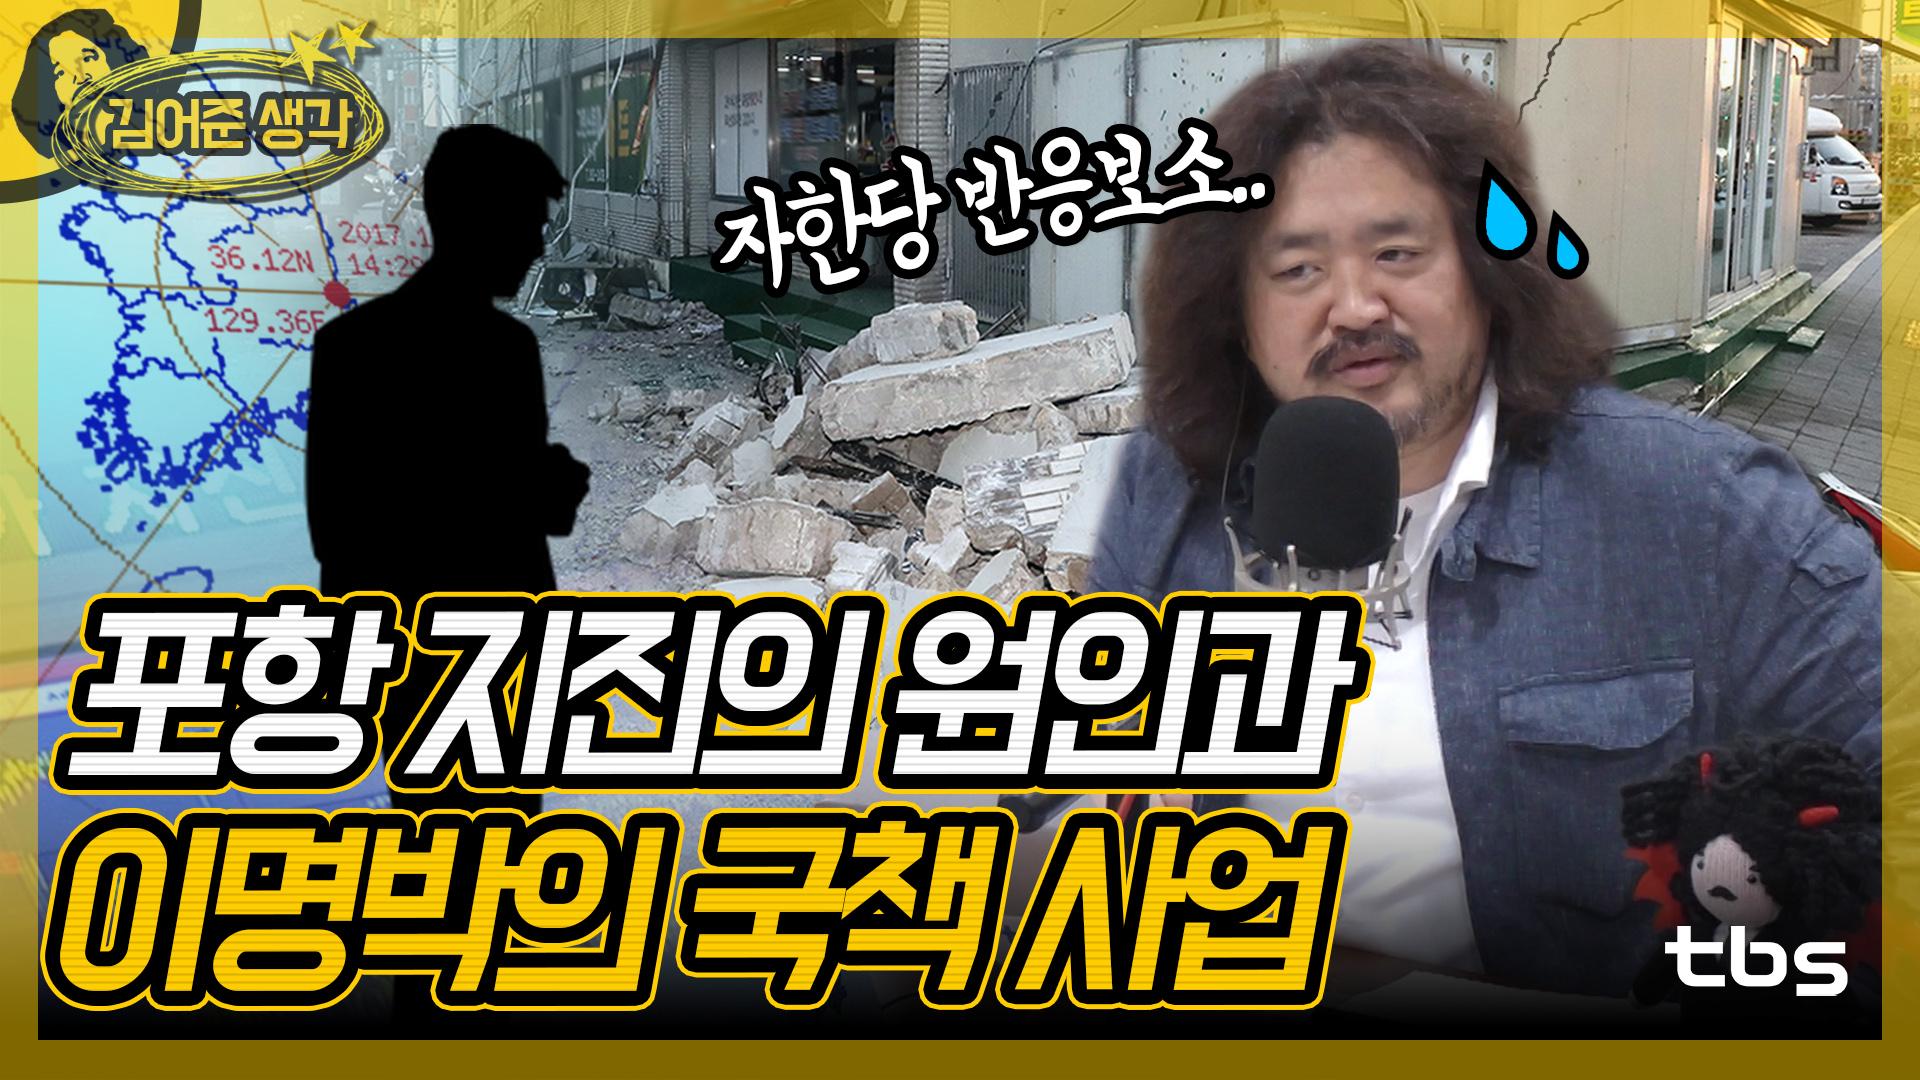 포항 지진의 원인과 이명박의 국책사업 [김어준의 뉴스공장/김어준생각]